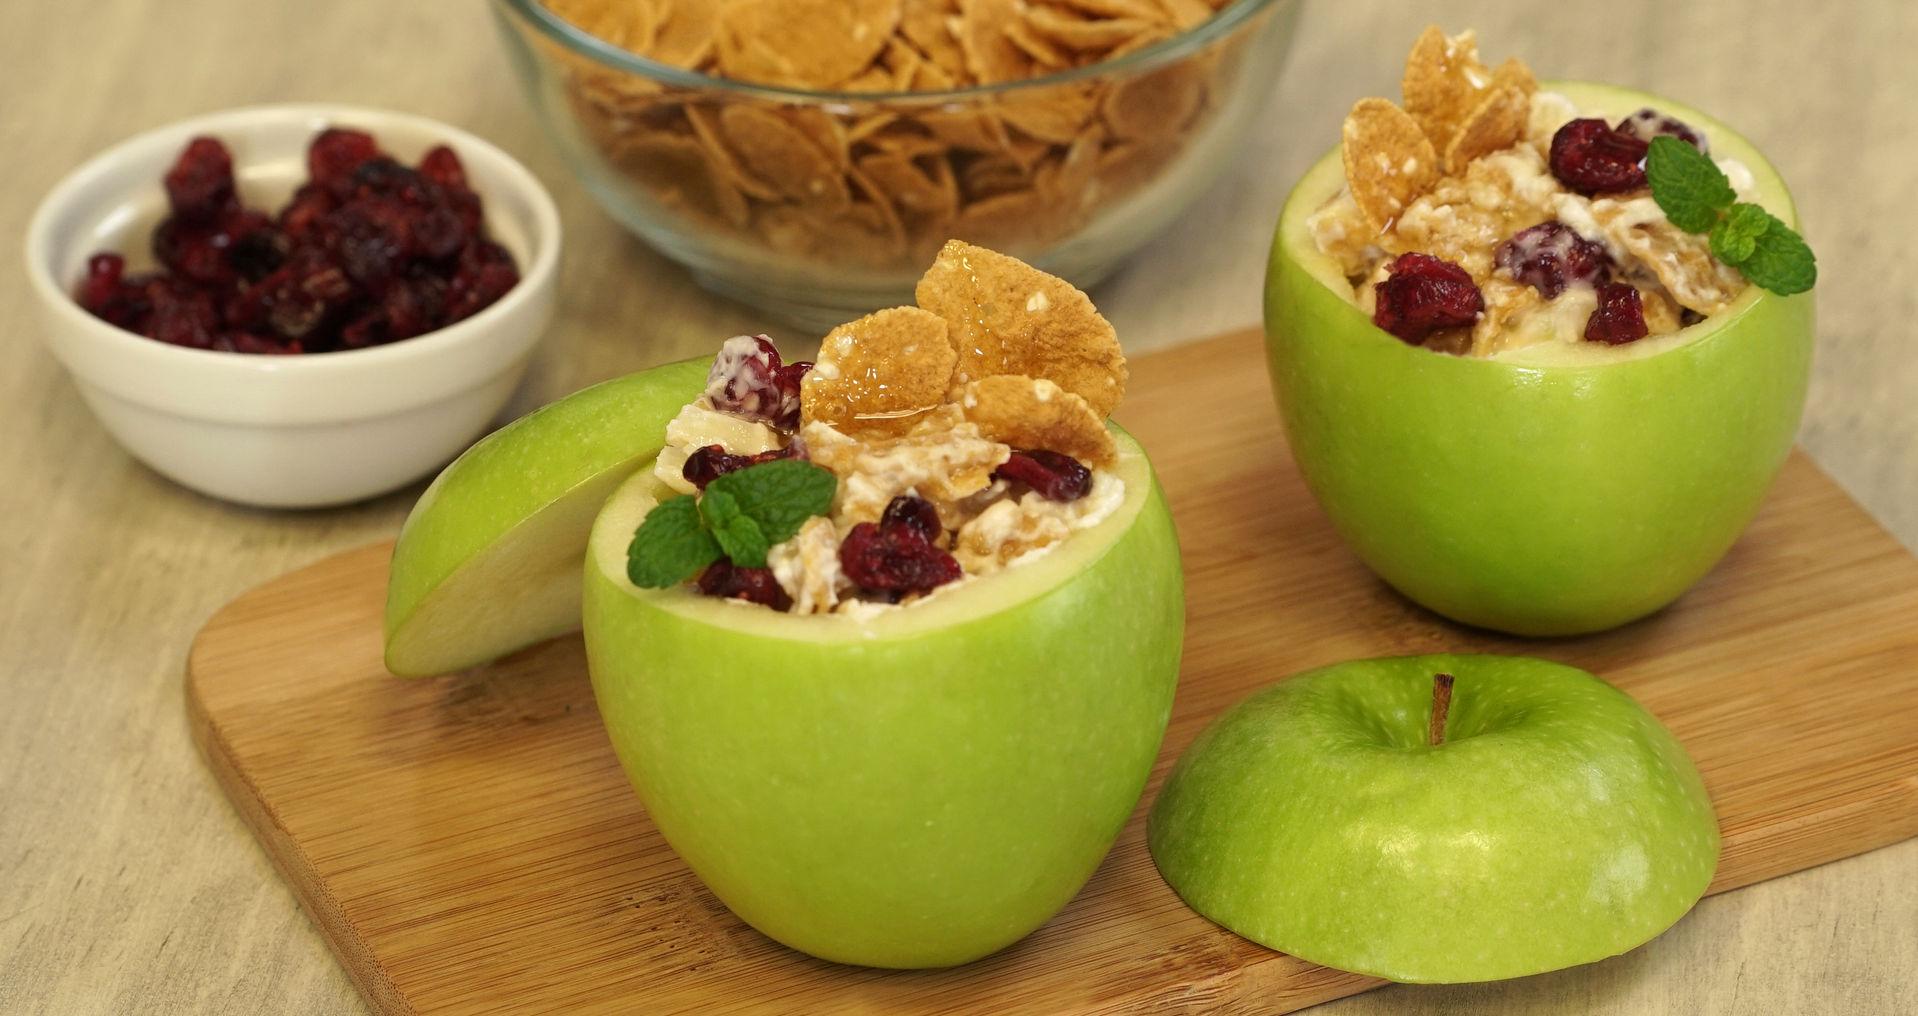 Manzanas rellenas con cereal